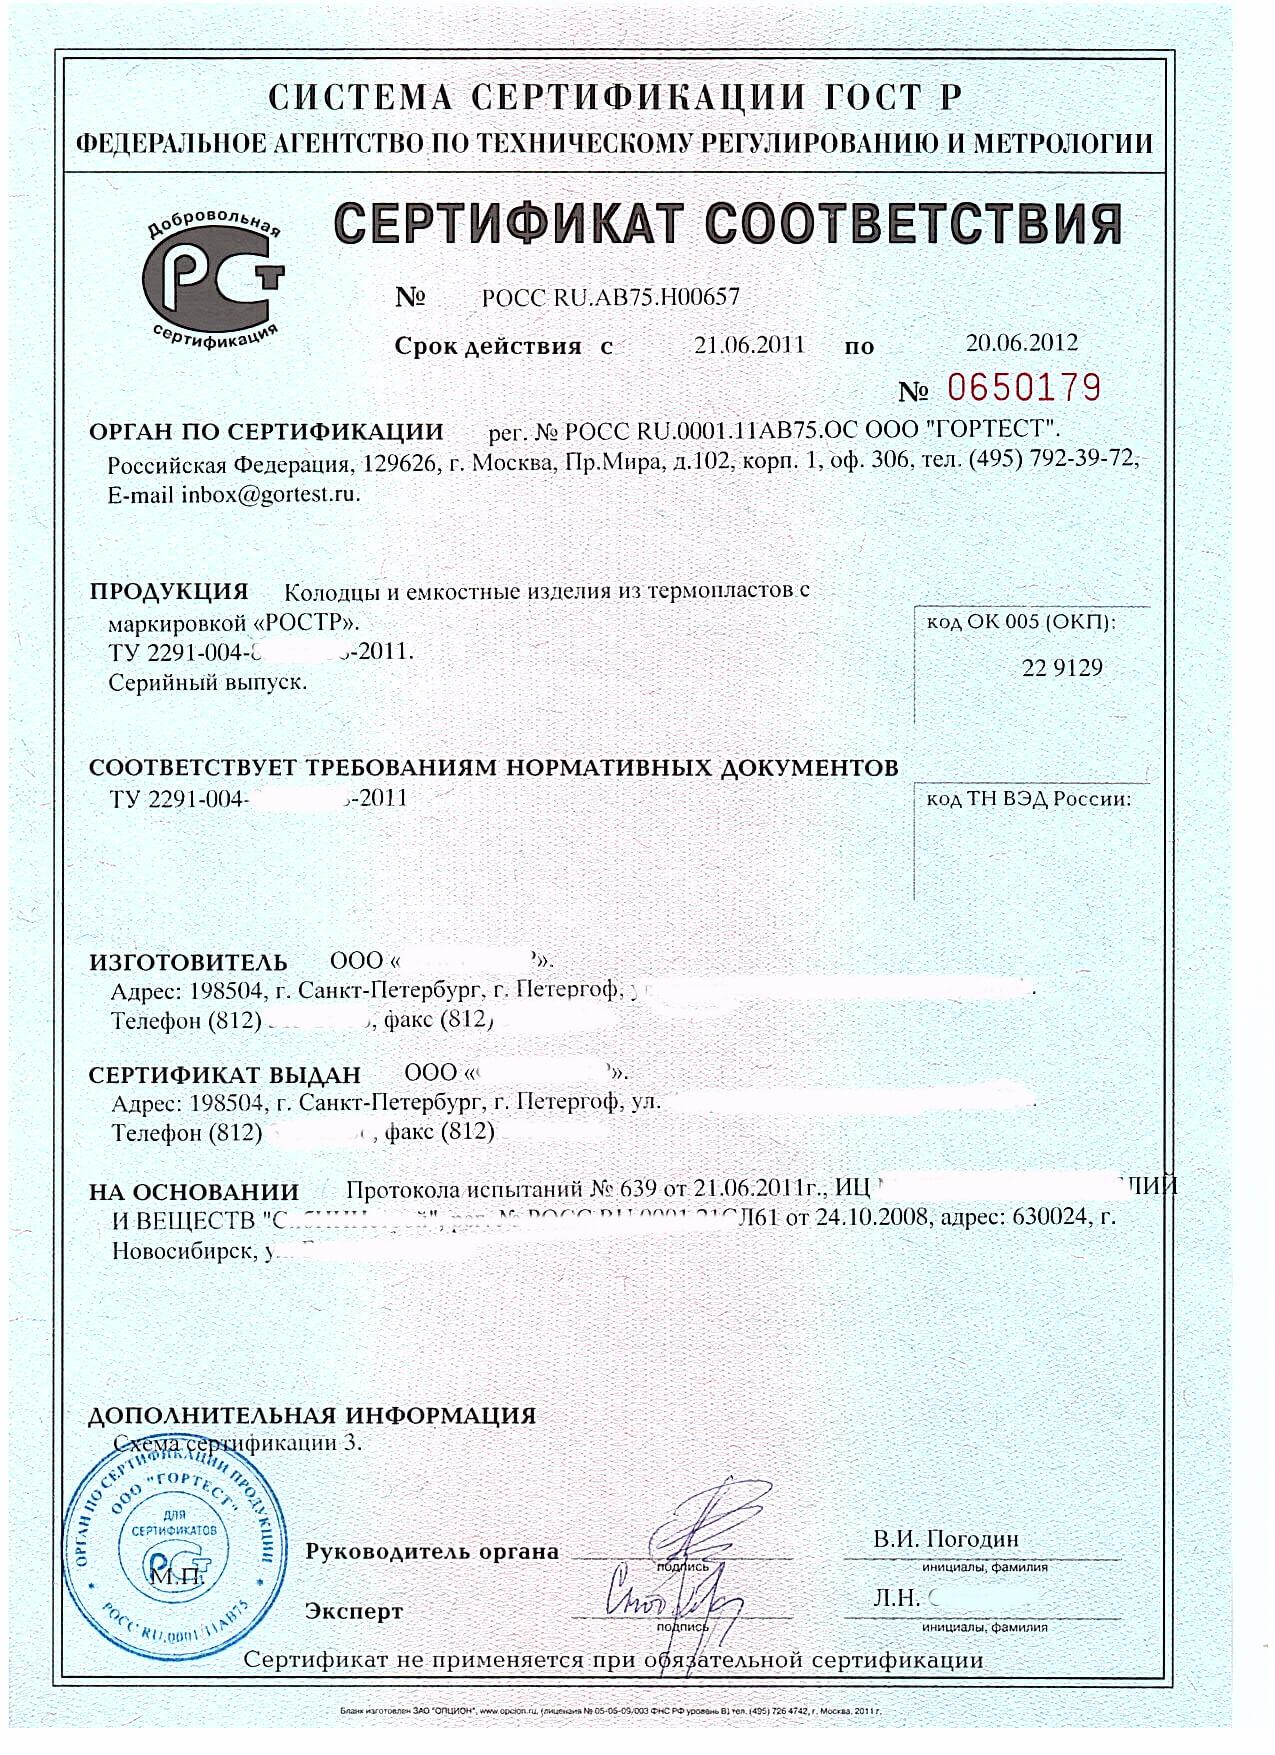 Сертификат соответствия бланк скачать doc